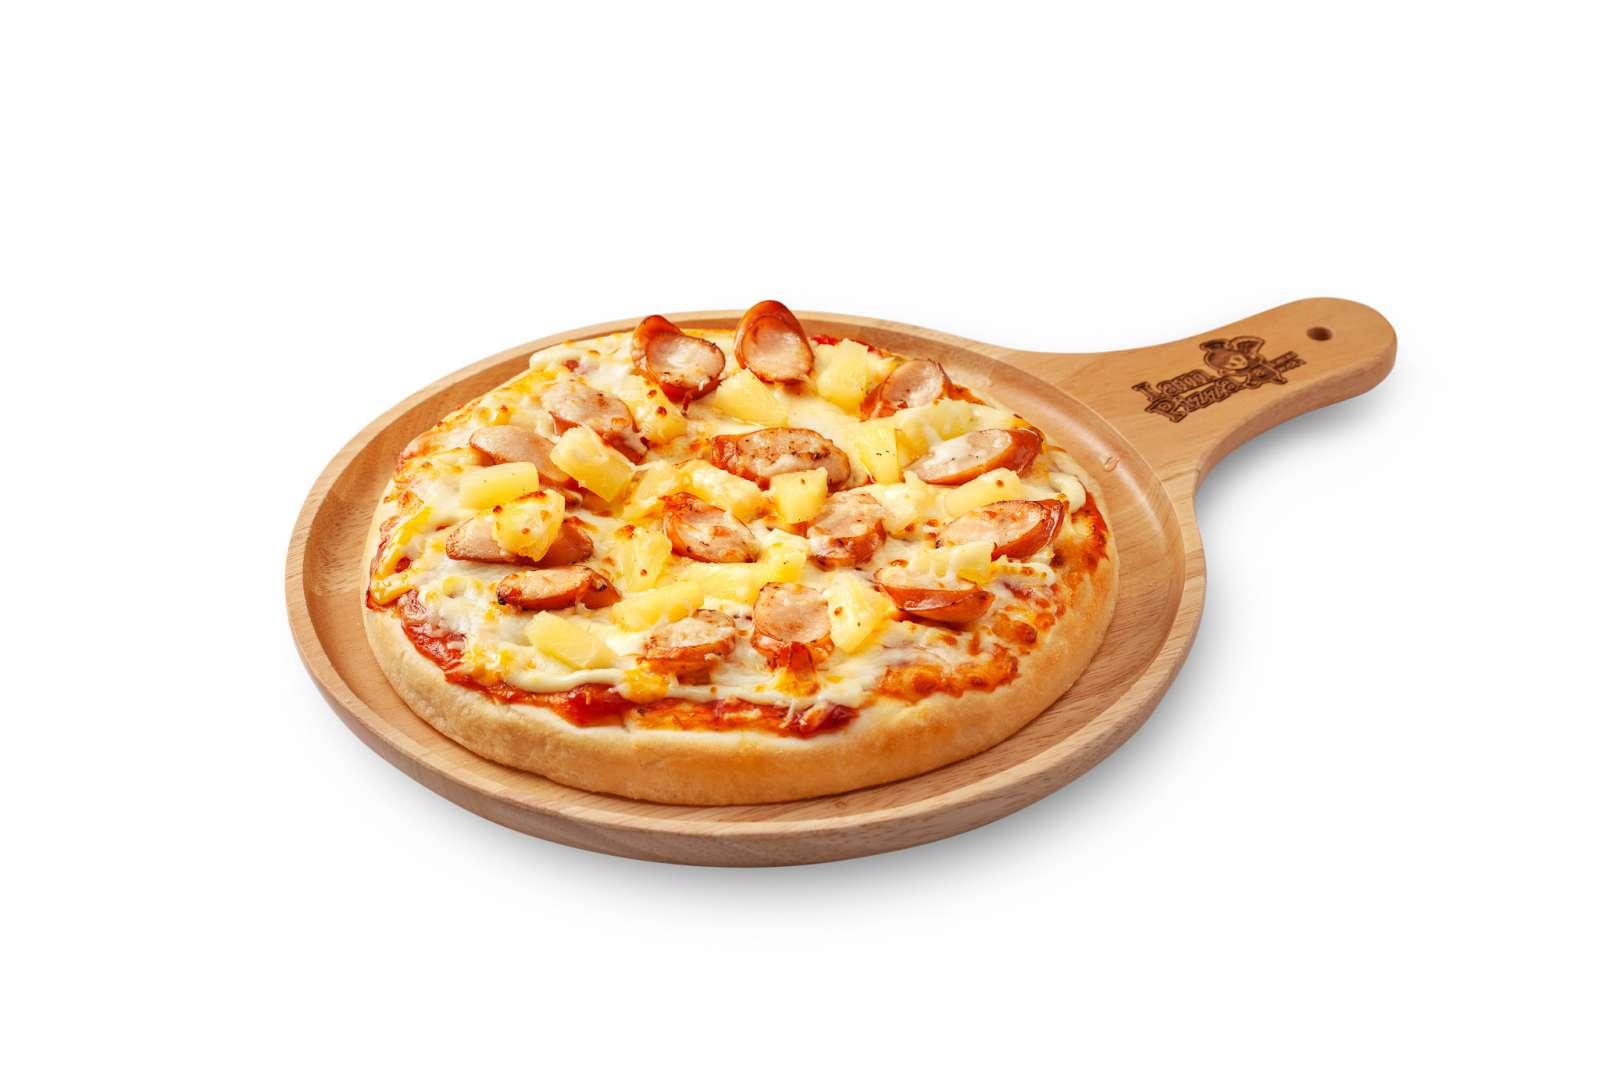 พิซซ่าหน้าซอสเซส ไอซ์แลนด์ (Pizza Sausage Island)